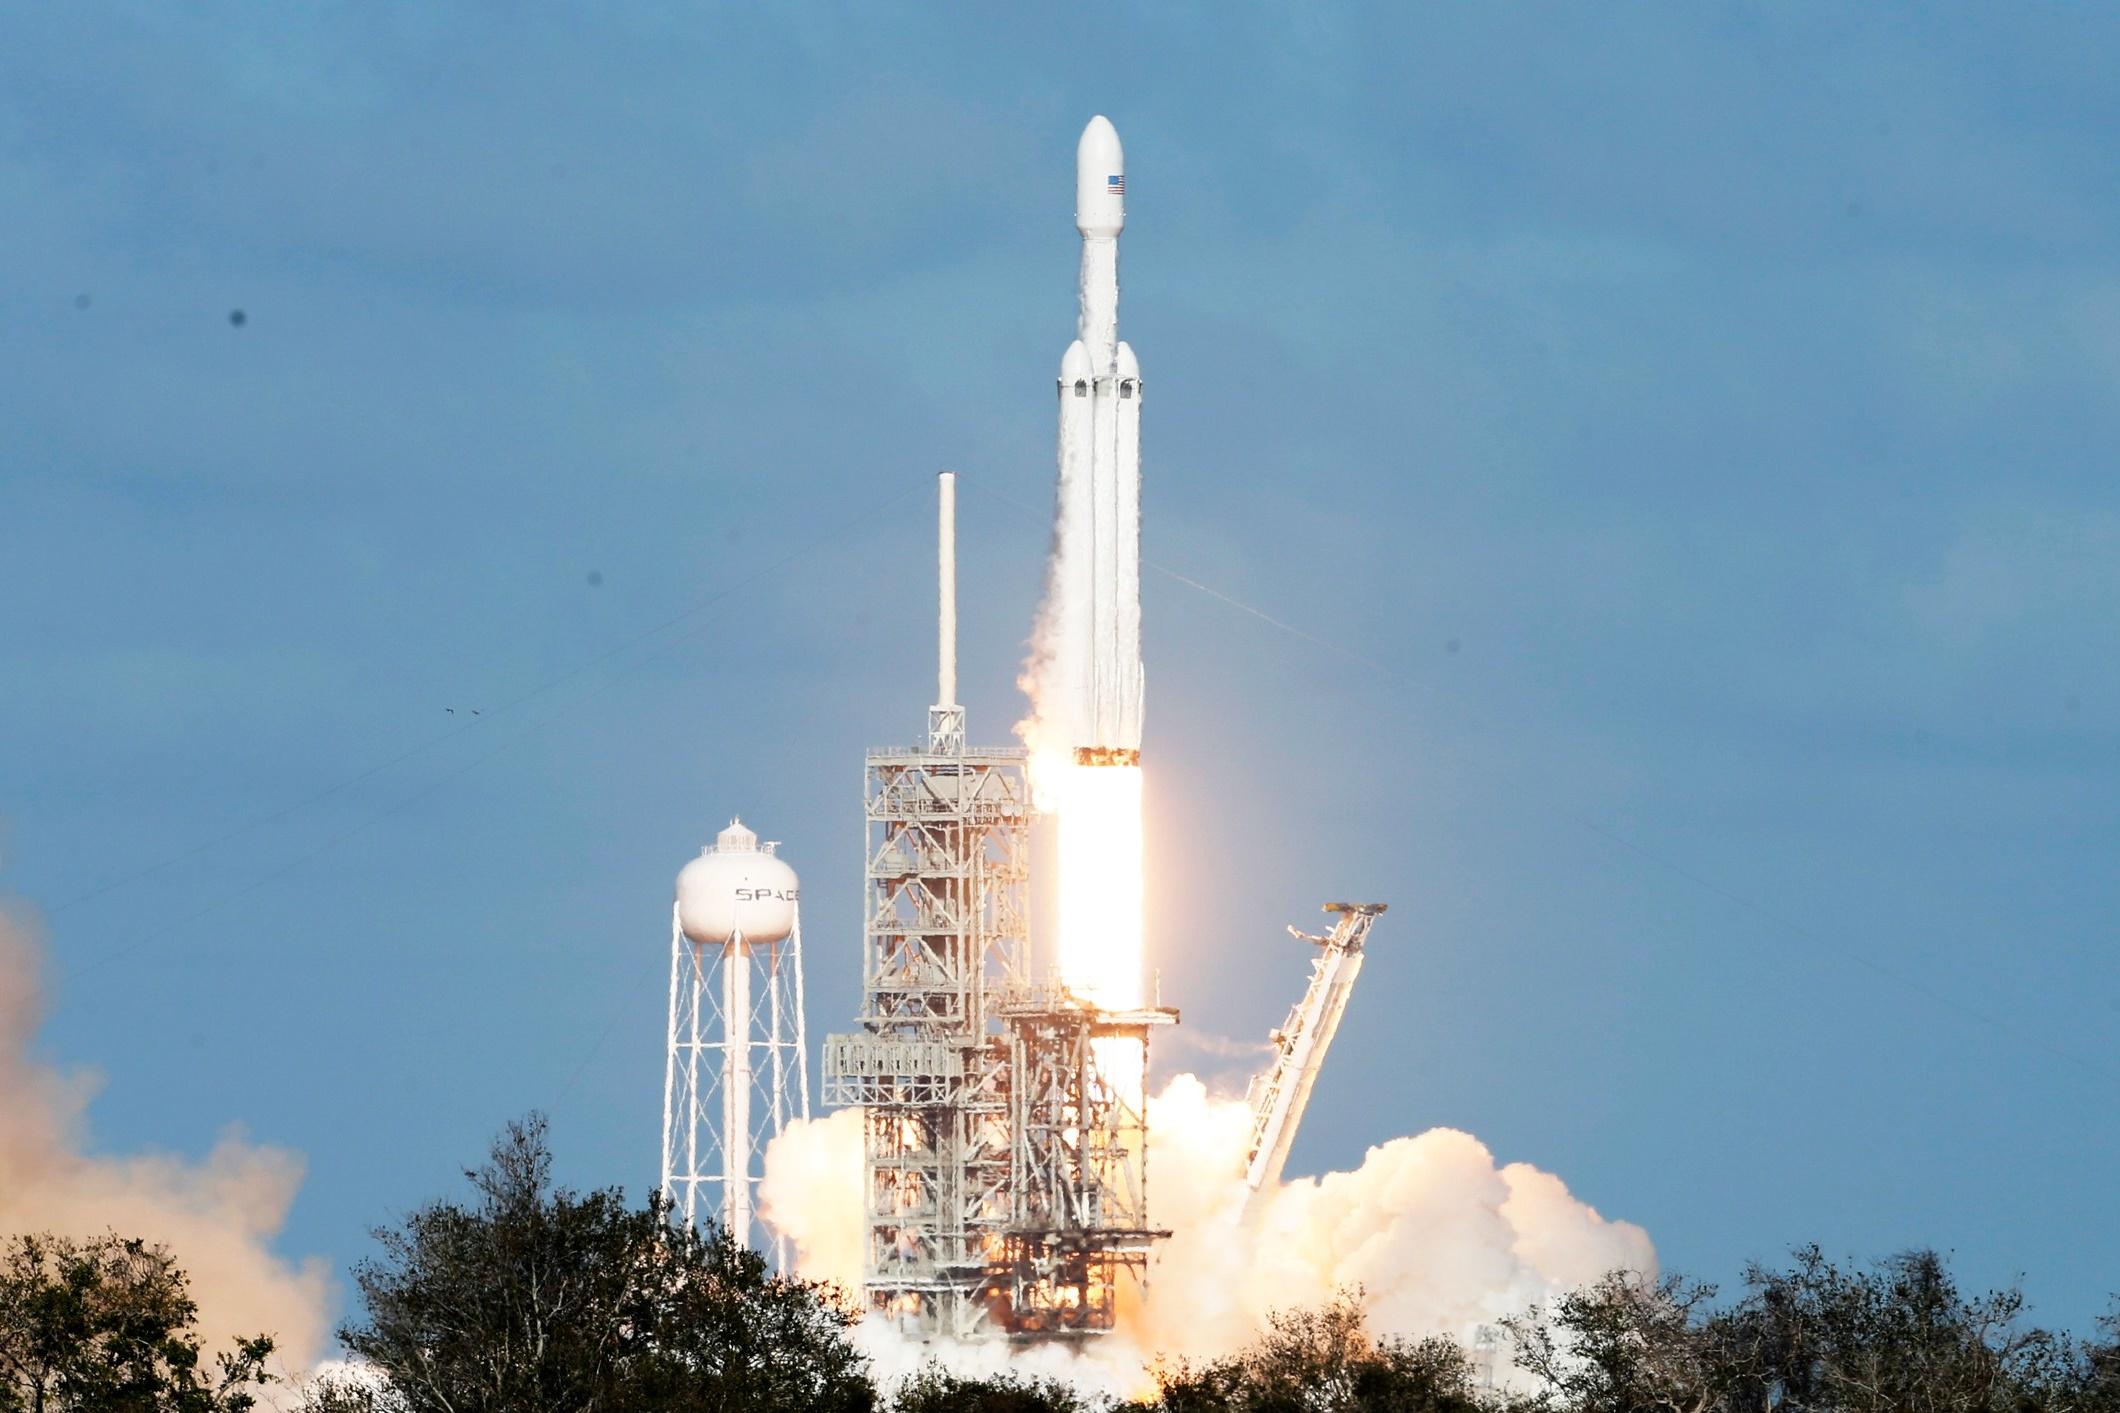 Imagem de SpaceX lança com sucesso o Falcon Heavy, mais poderoso foguete atualmente no tecmundo